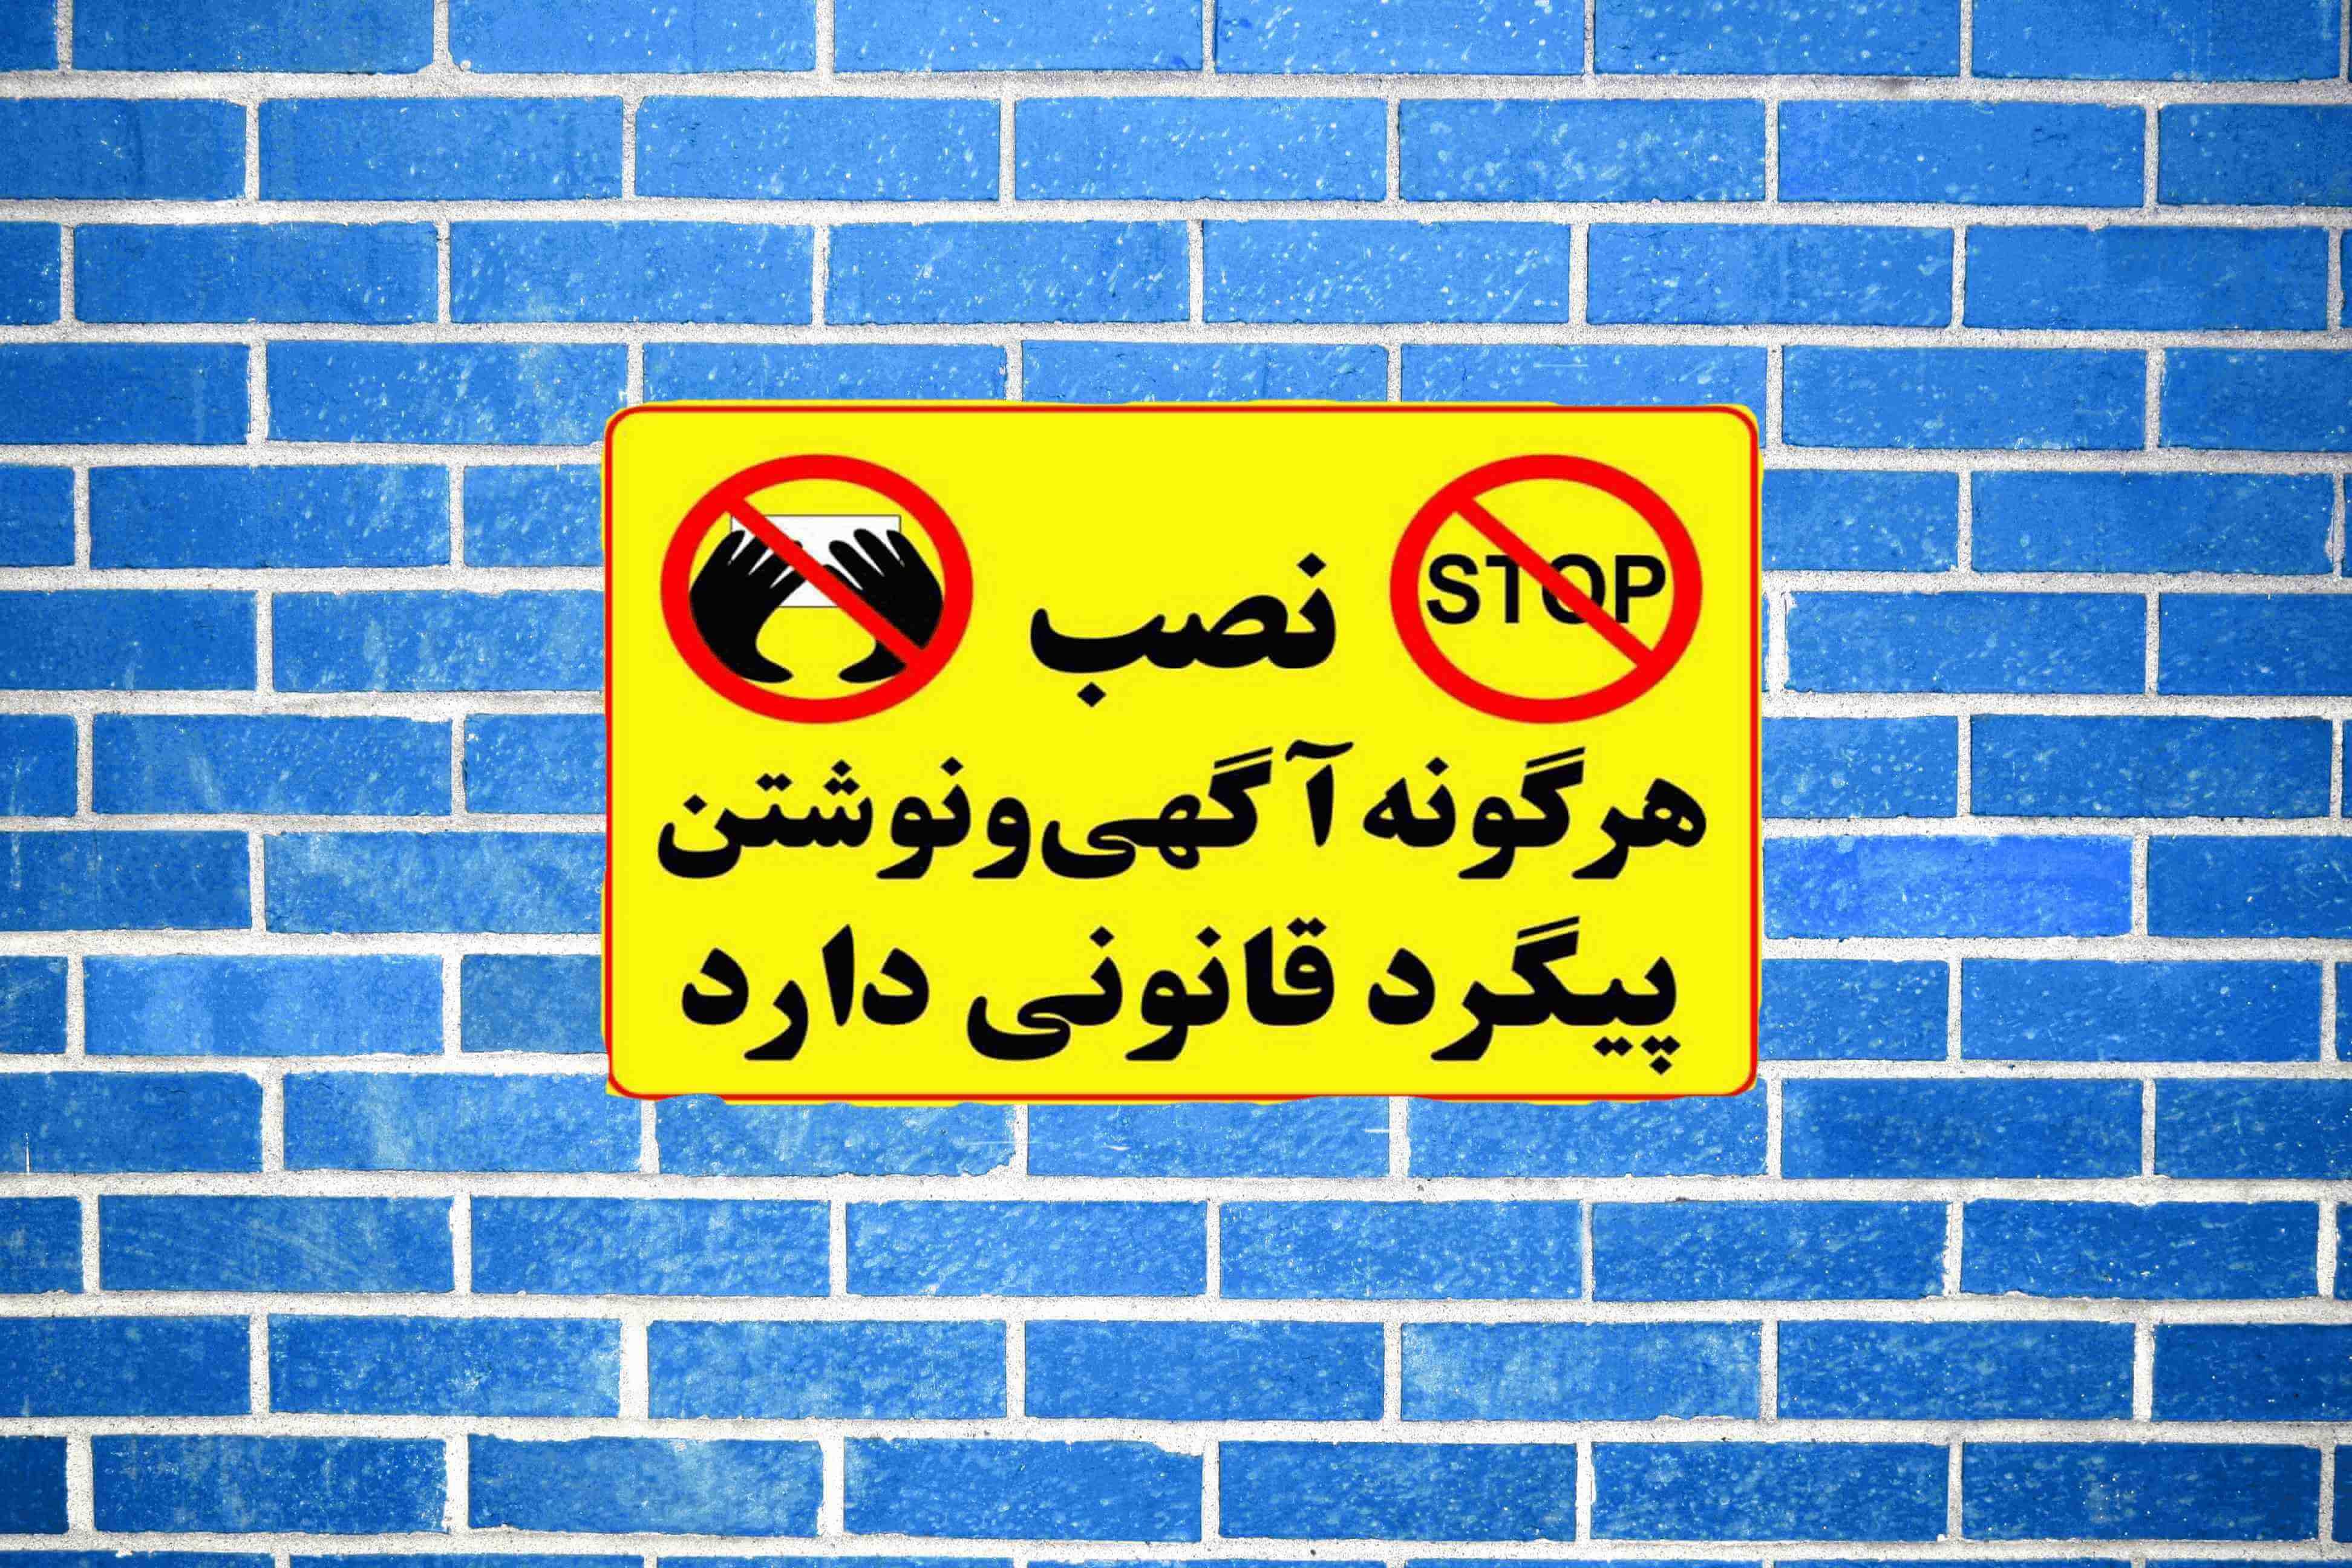 سایت دیوار-نصب آگهی بر این دیوار مجاز است